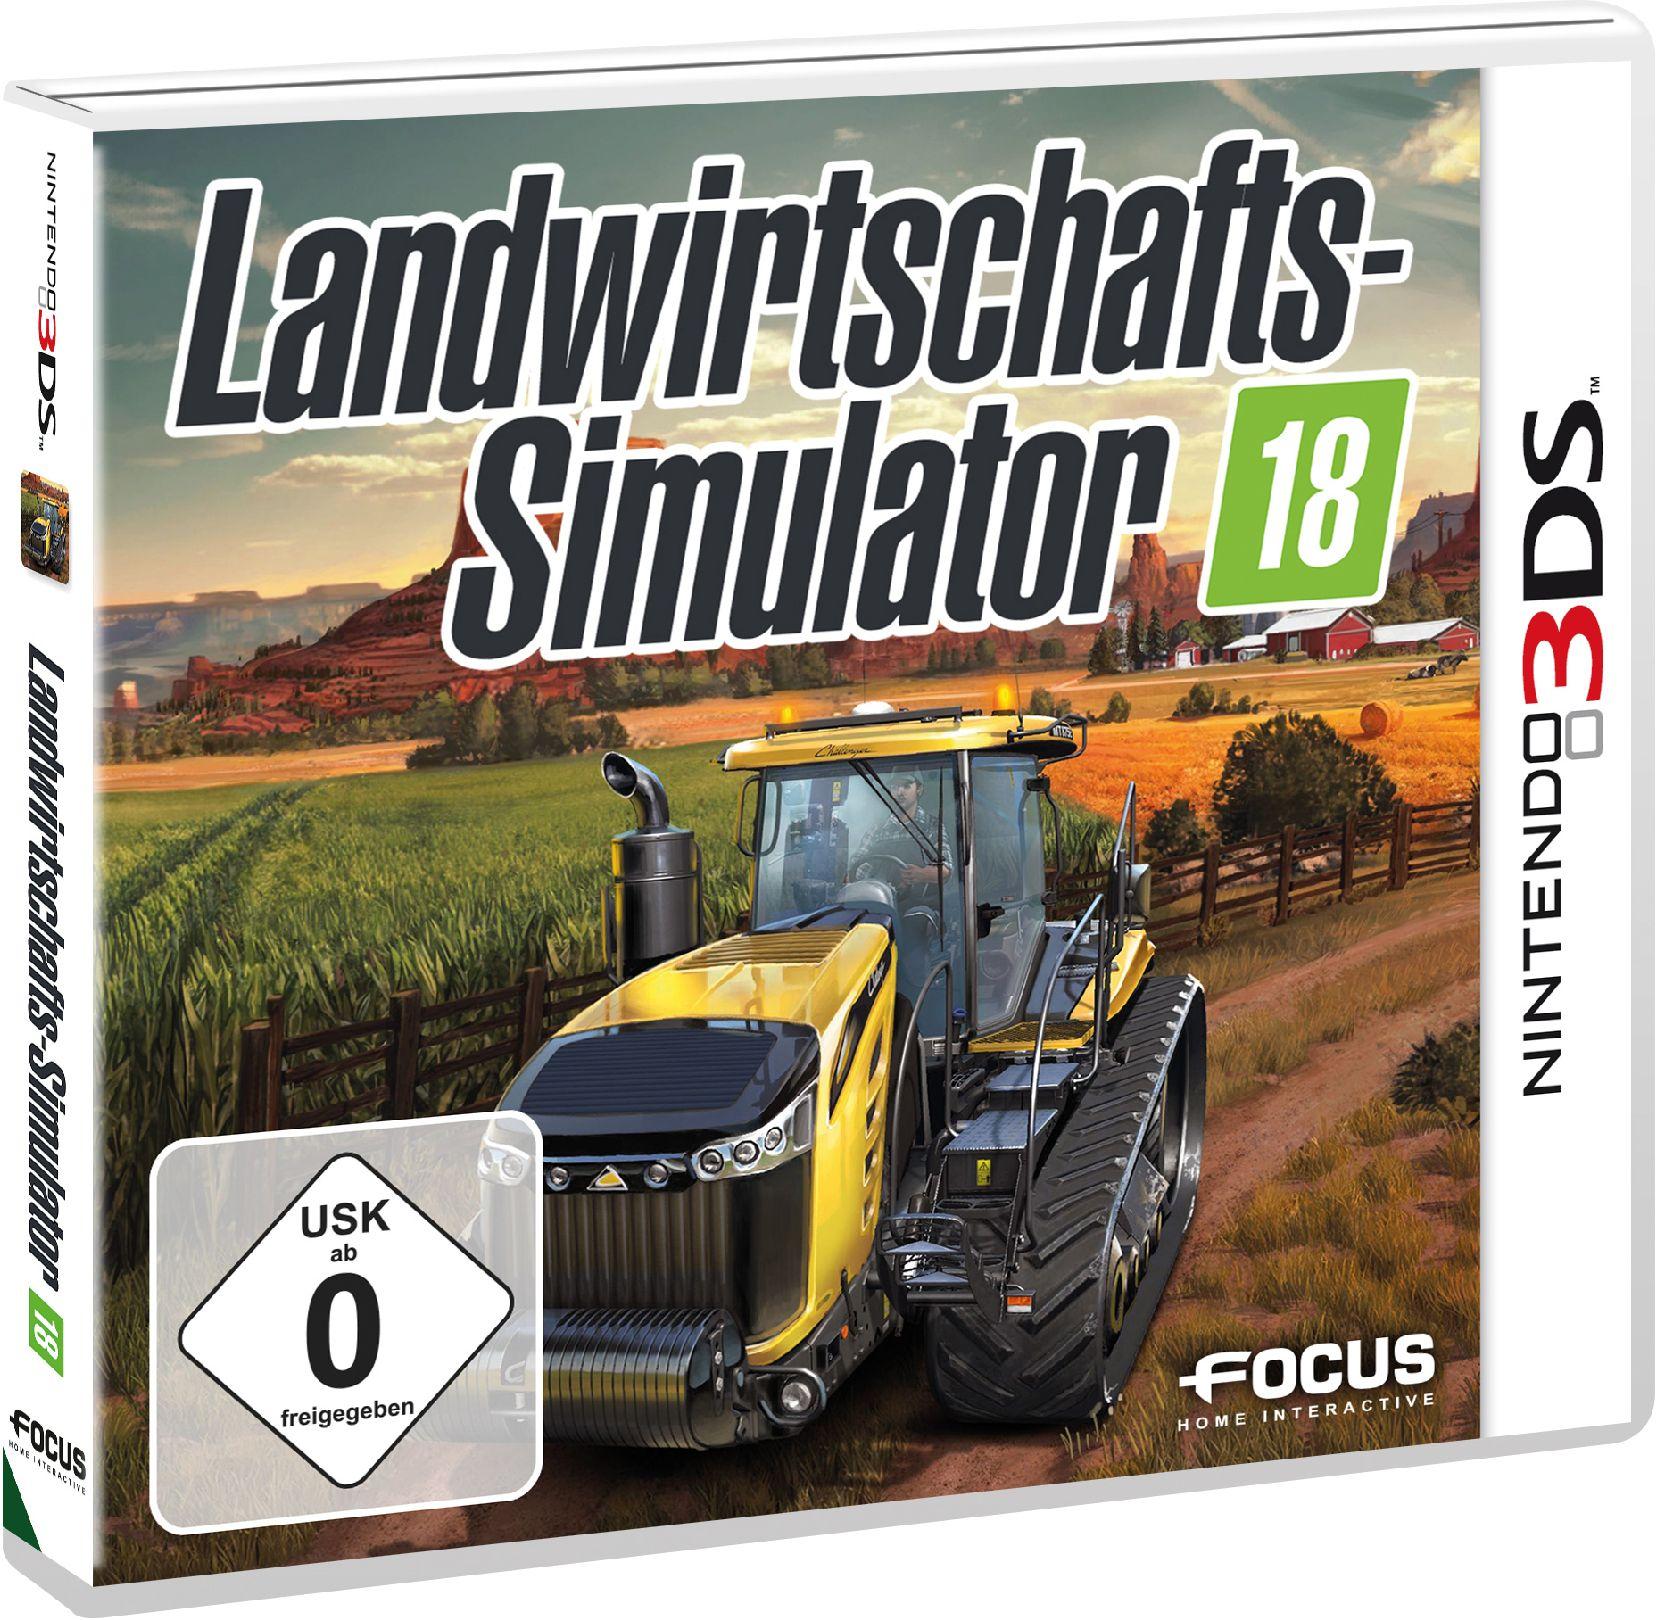 ASTRAGON Astragon Landwirtschafts-Simulator 18 »3DS«